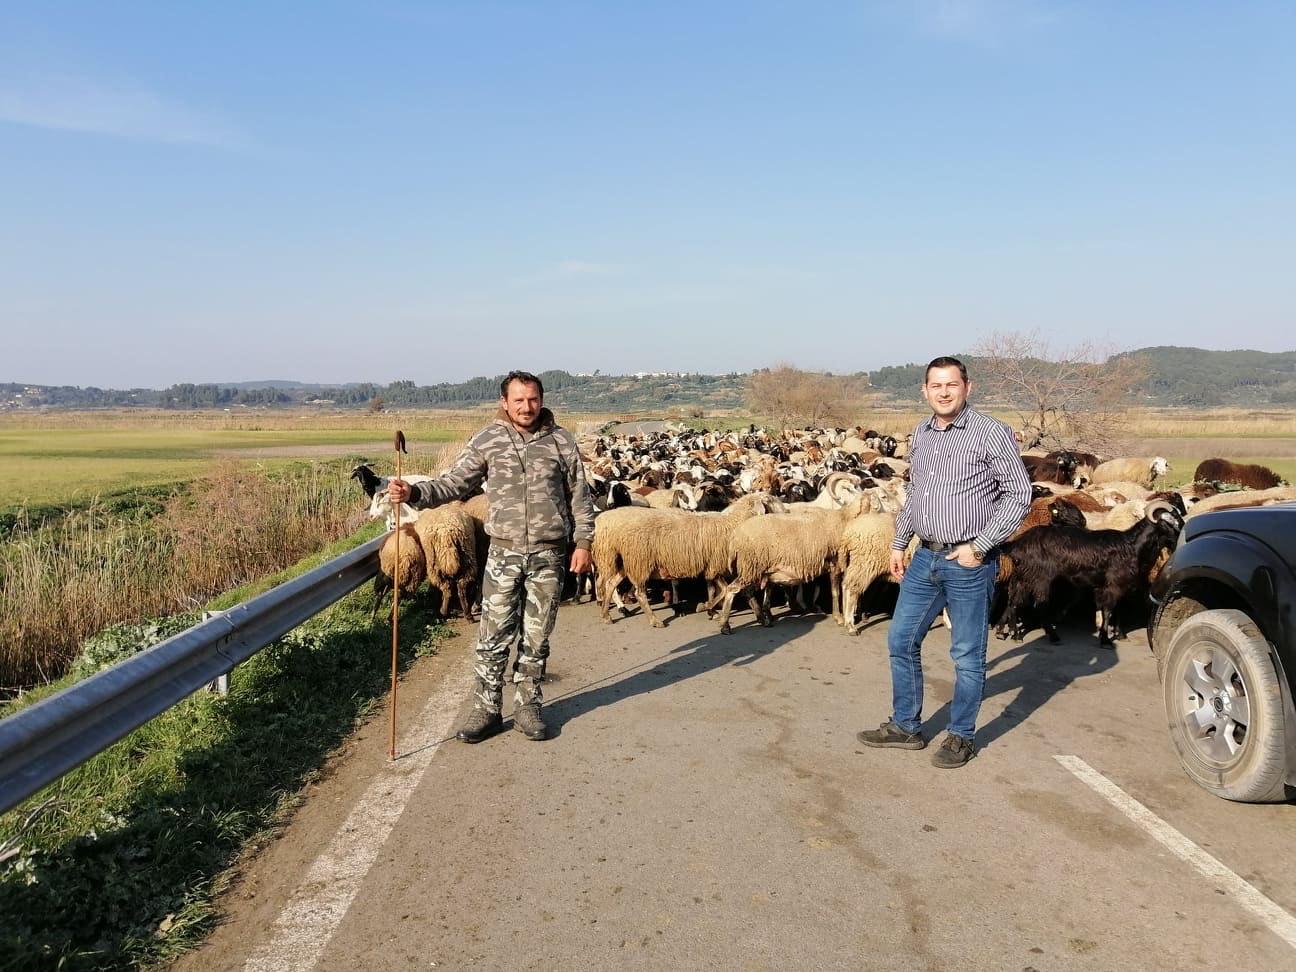 Αυτοψία του Αντιπεριφερειάρχη Αγροτικής Ανάπτυξης σε αγροτικές περιοχές